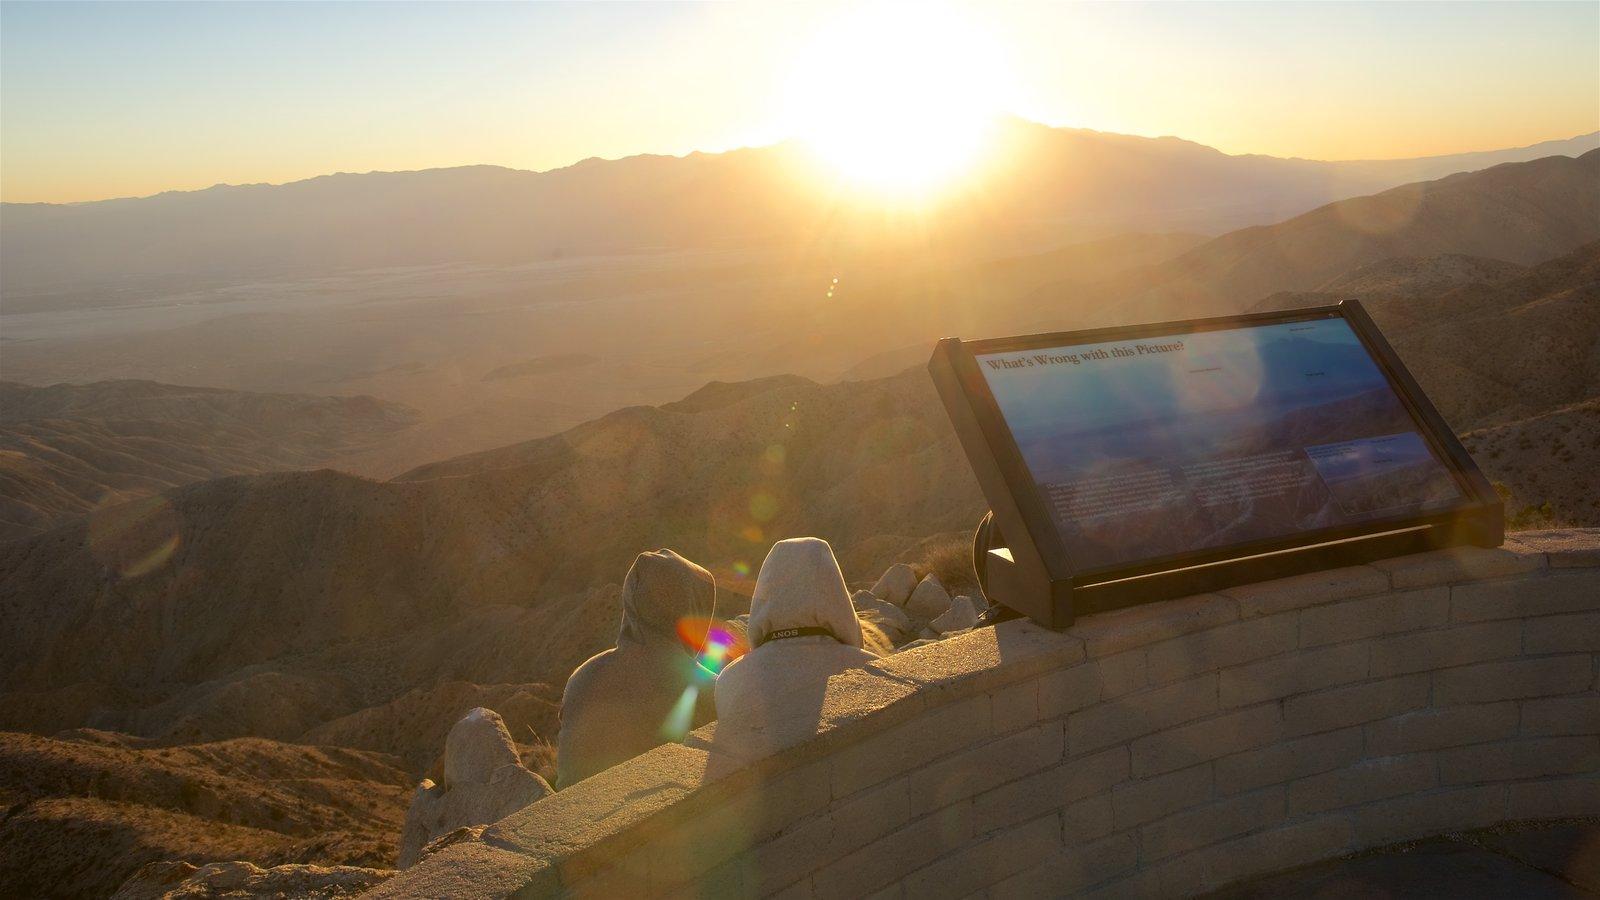 Parque Nacional de Joshua Tree mostrando paisagem, paisagens do deserto e um pôr do sol